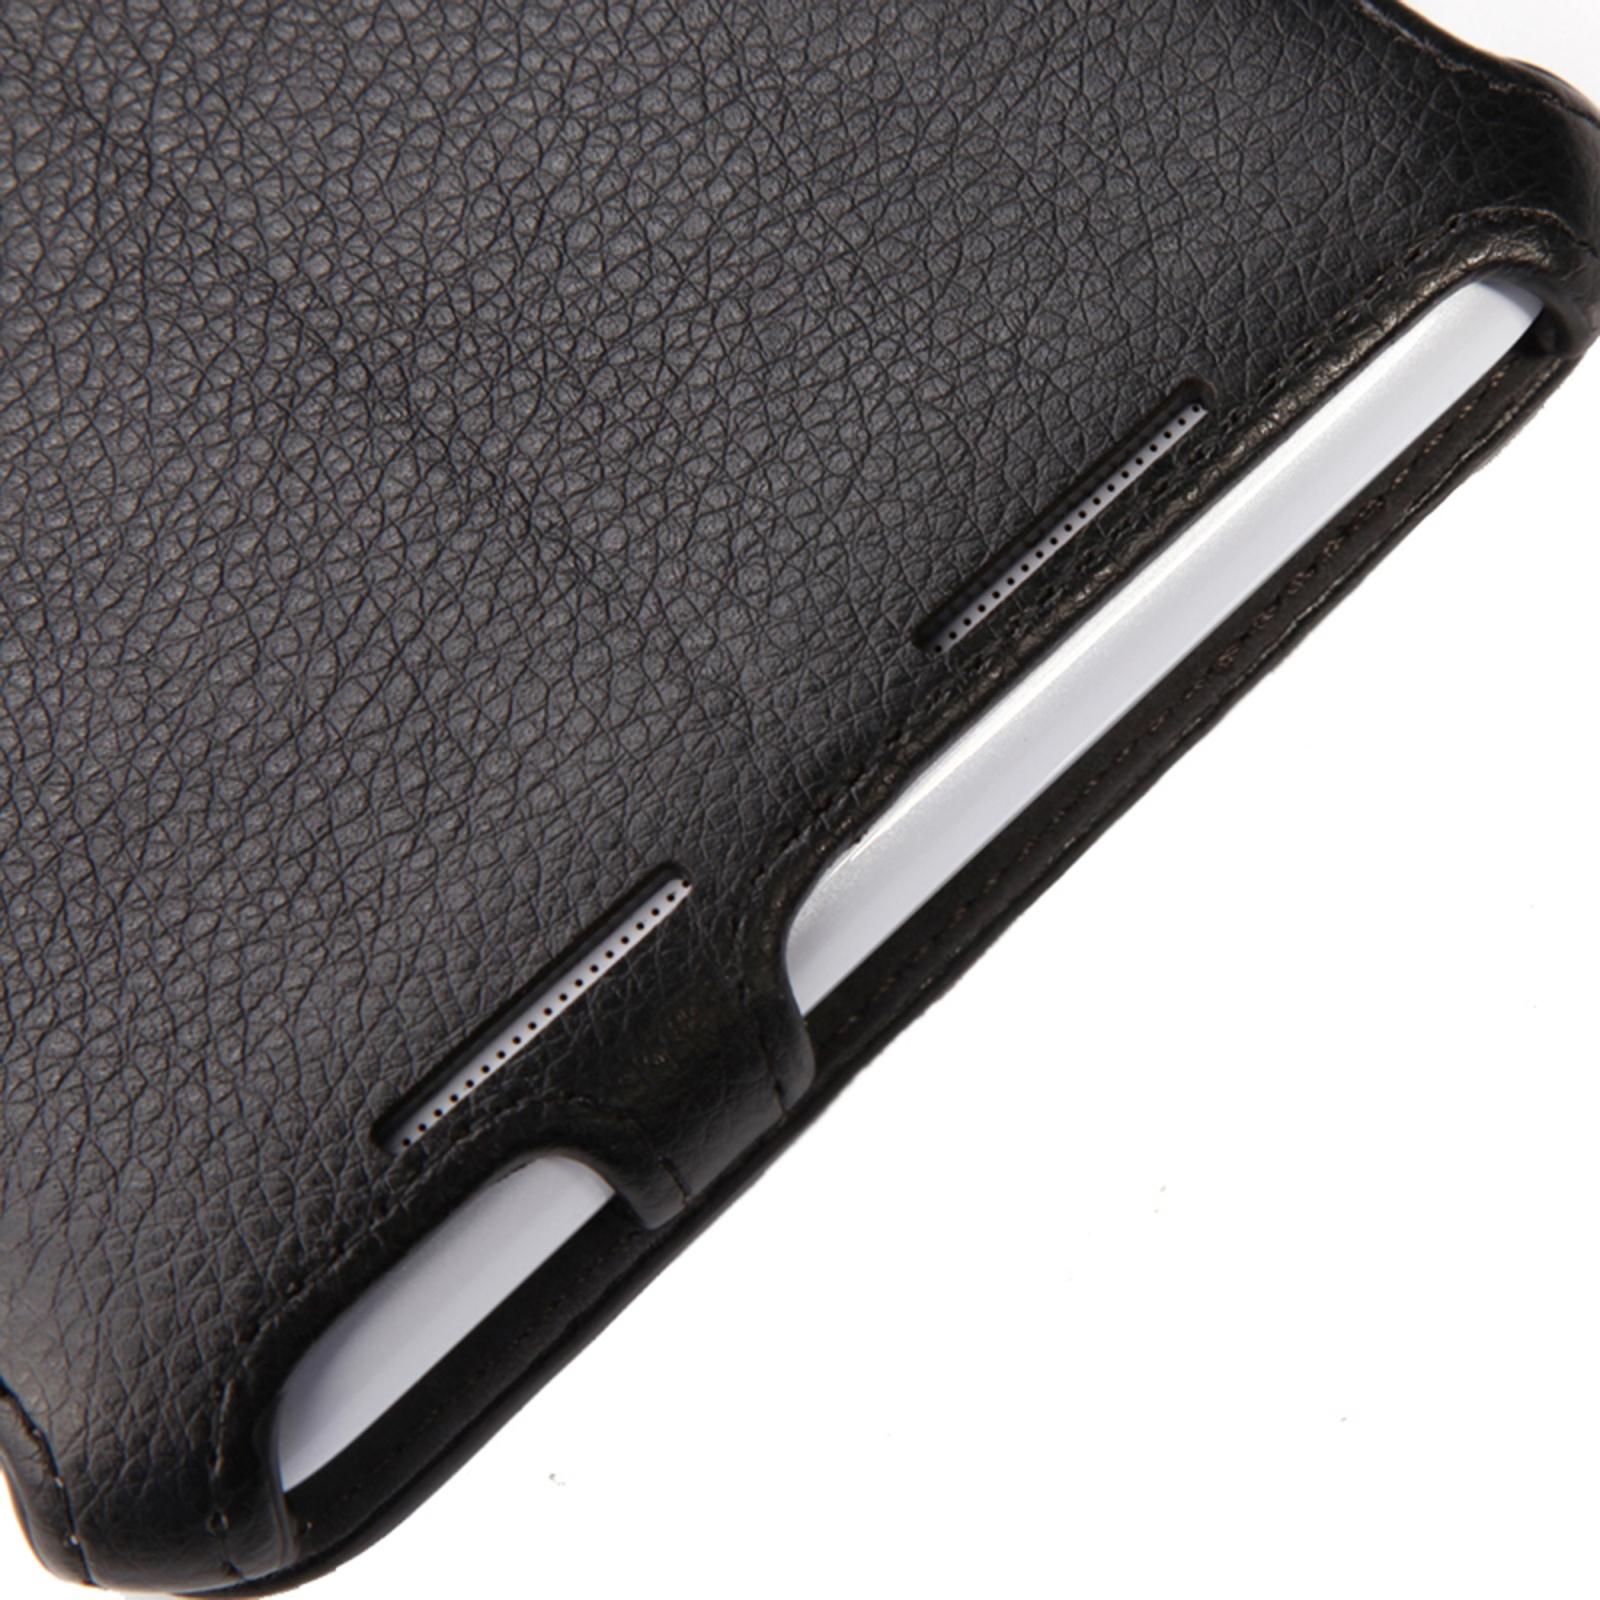 Чехол для планшета AirOn для Asus MeMO Pad 8 black (6946795830153) изображение 6